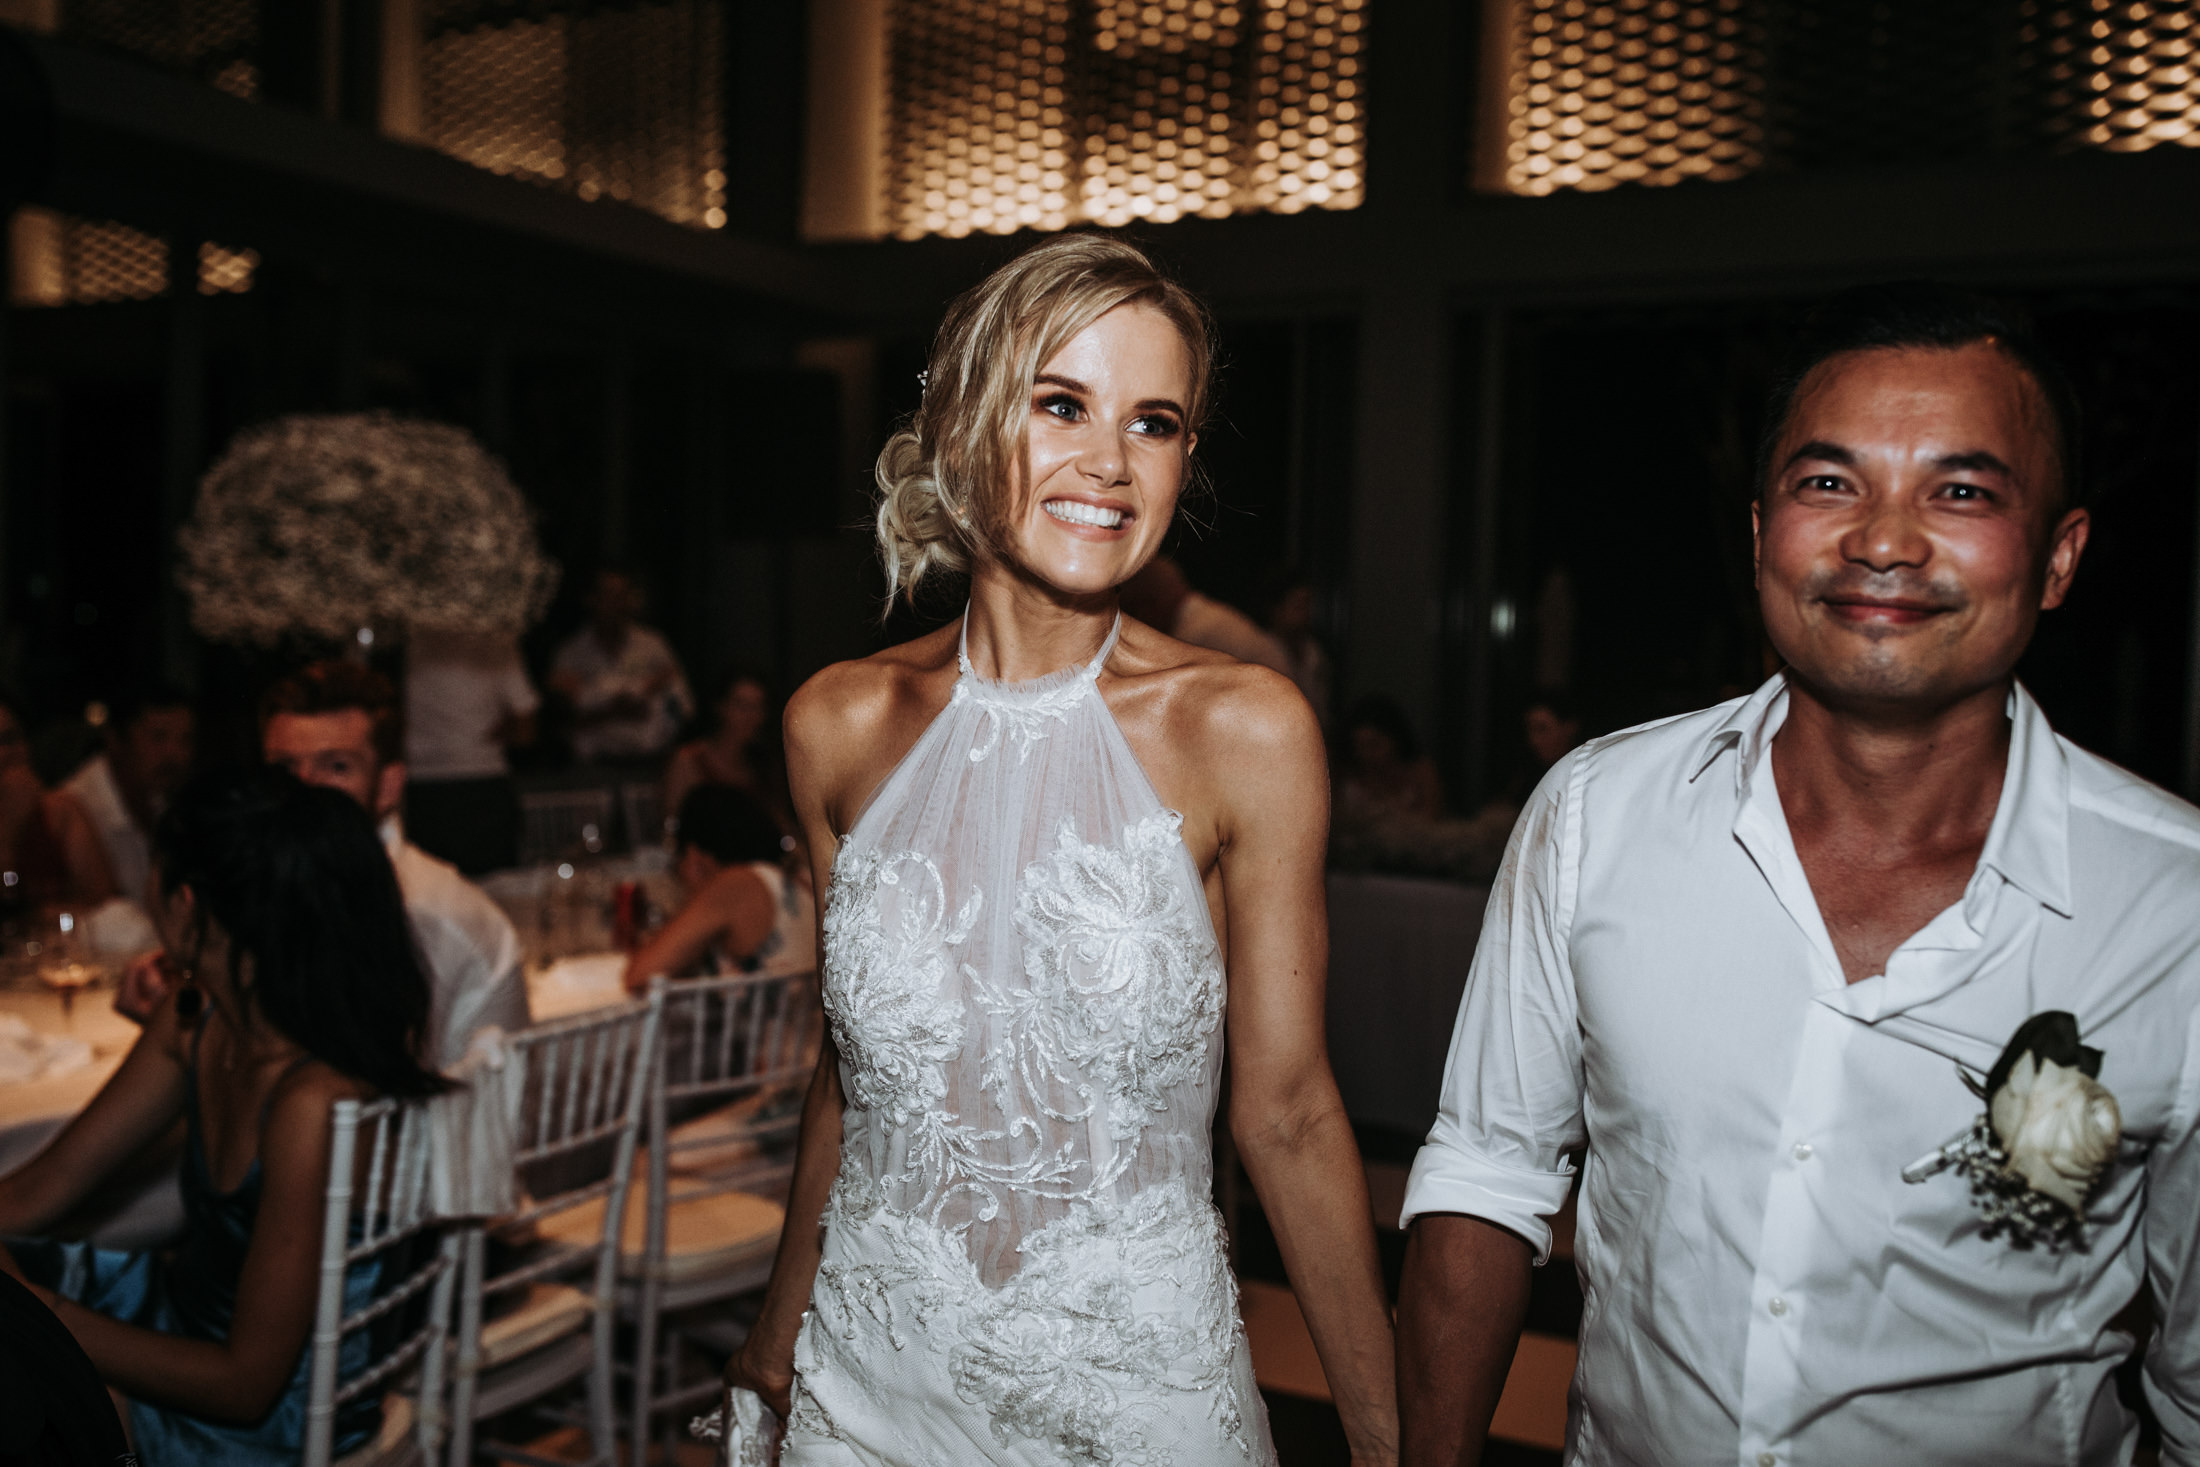 DanielaMarquardt_Wedding_Thailand_403